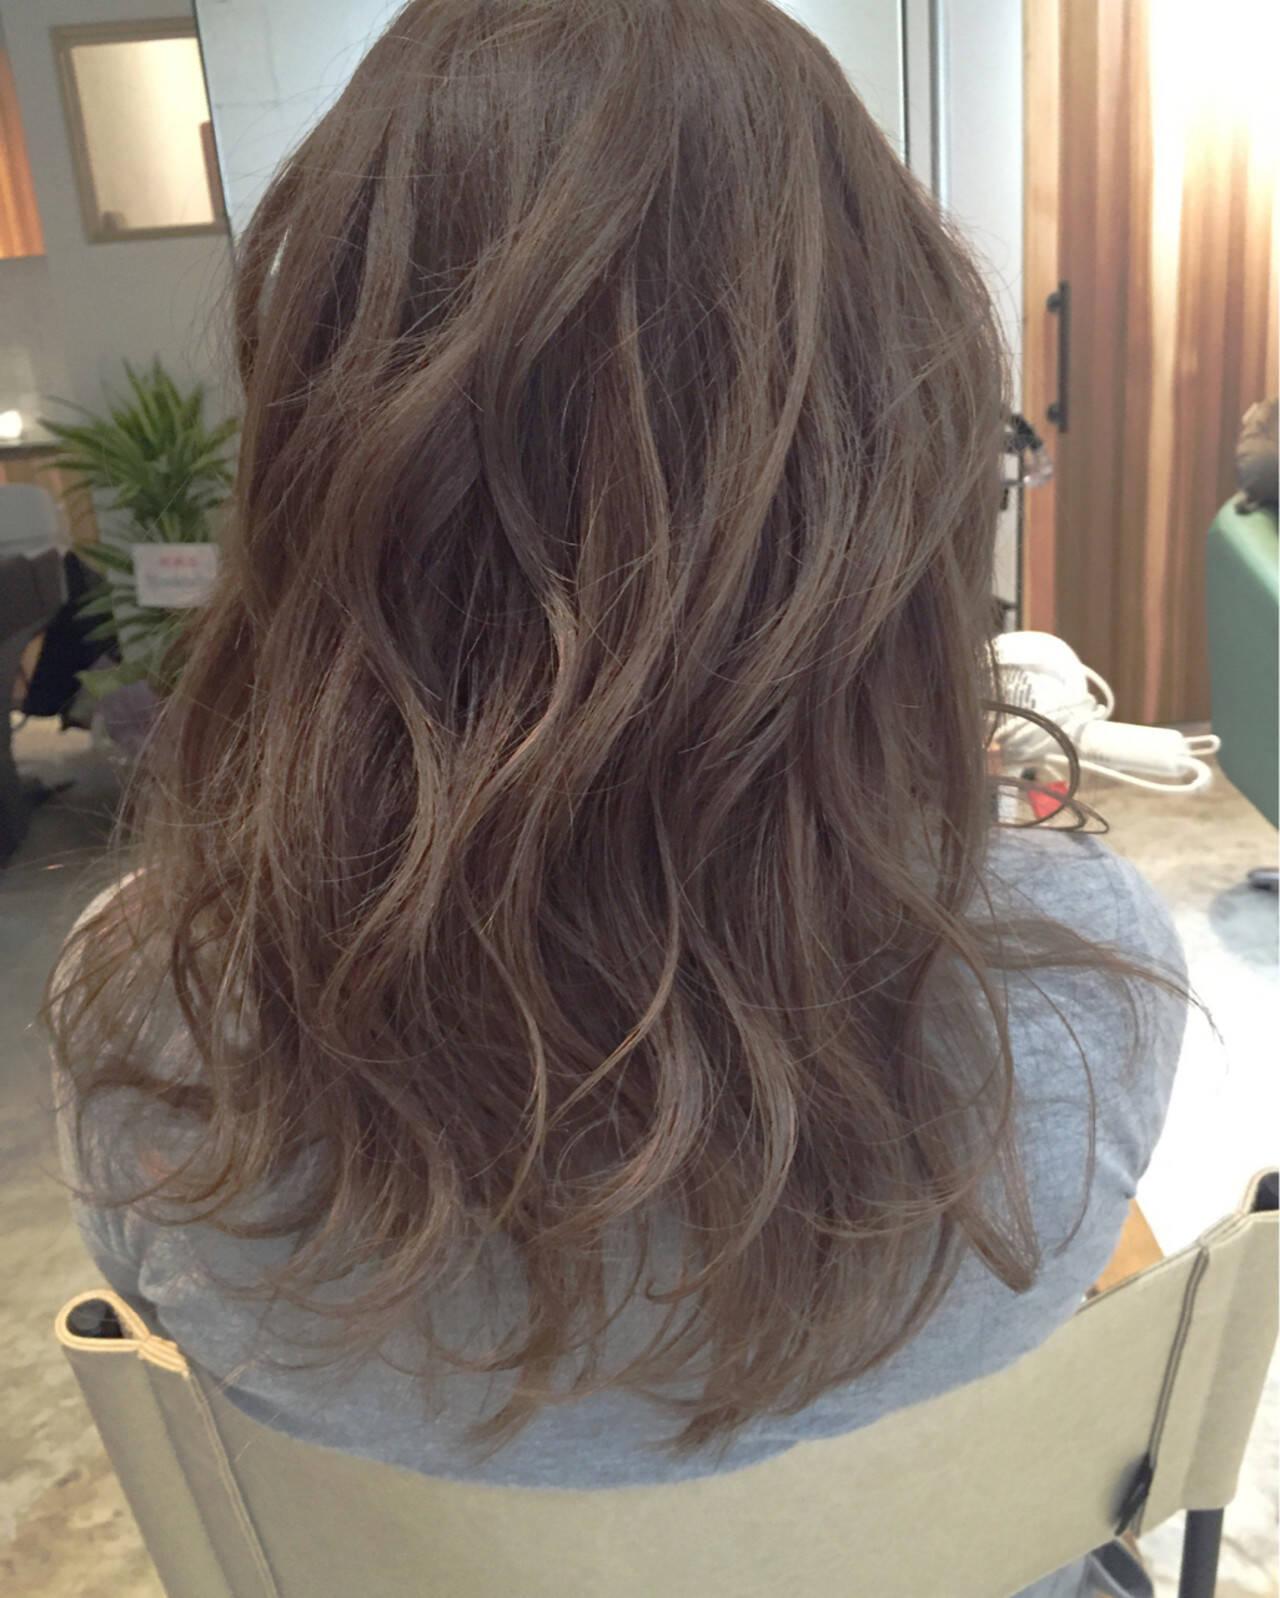 グレージュ アッシュベージュ ロング ナチュラルヘアスタイルや髪型の写真・画像